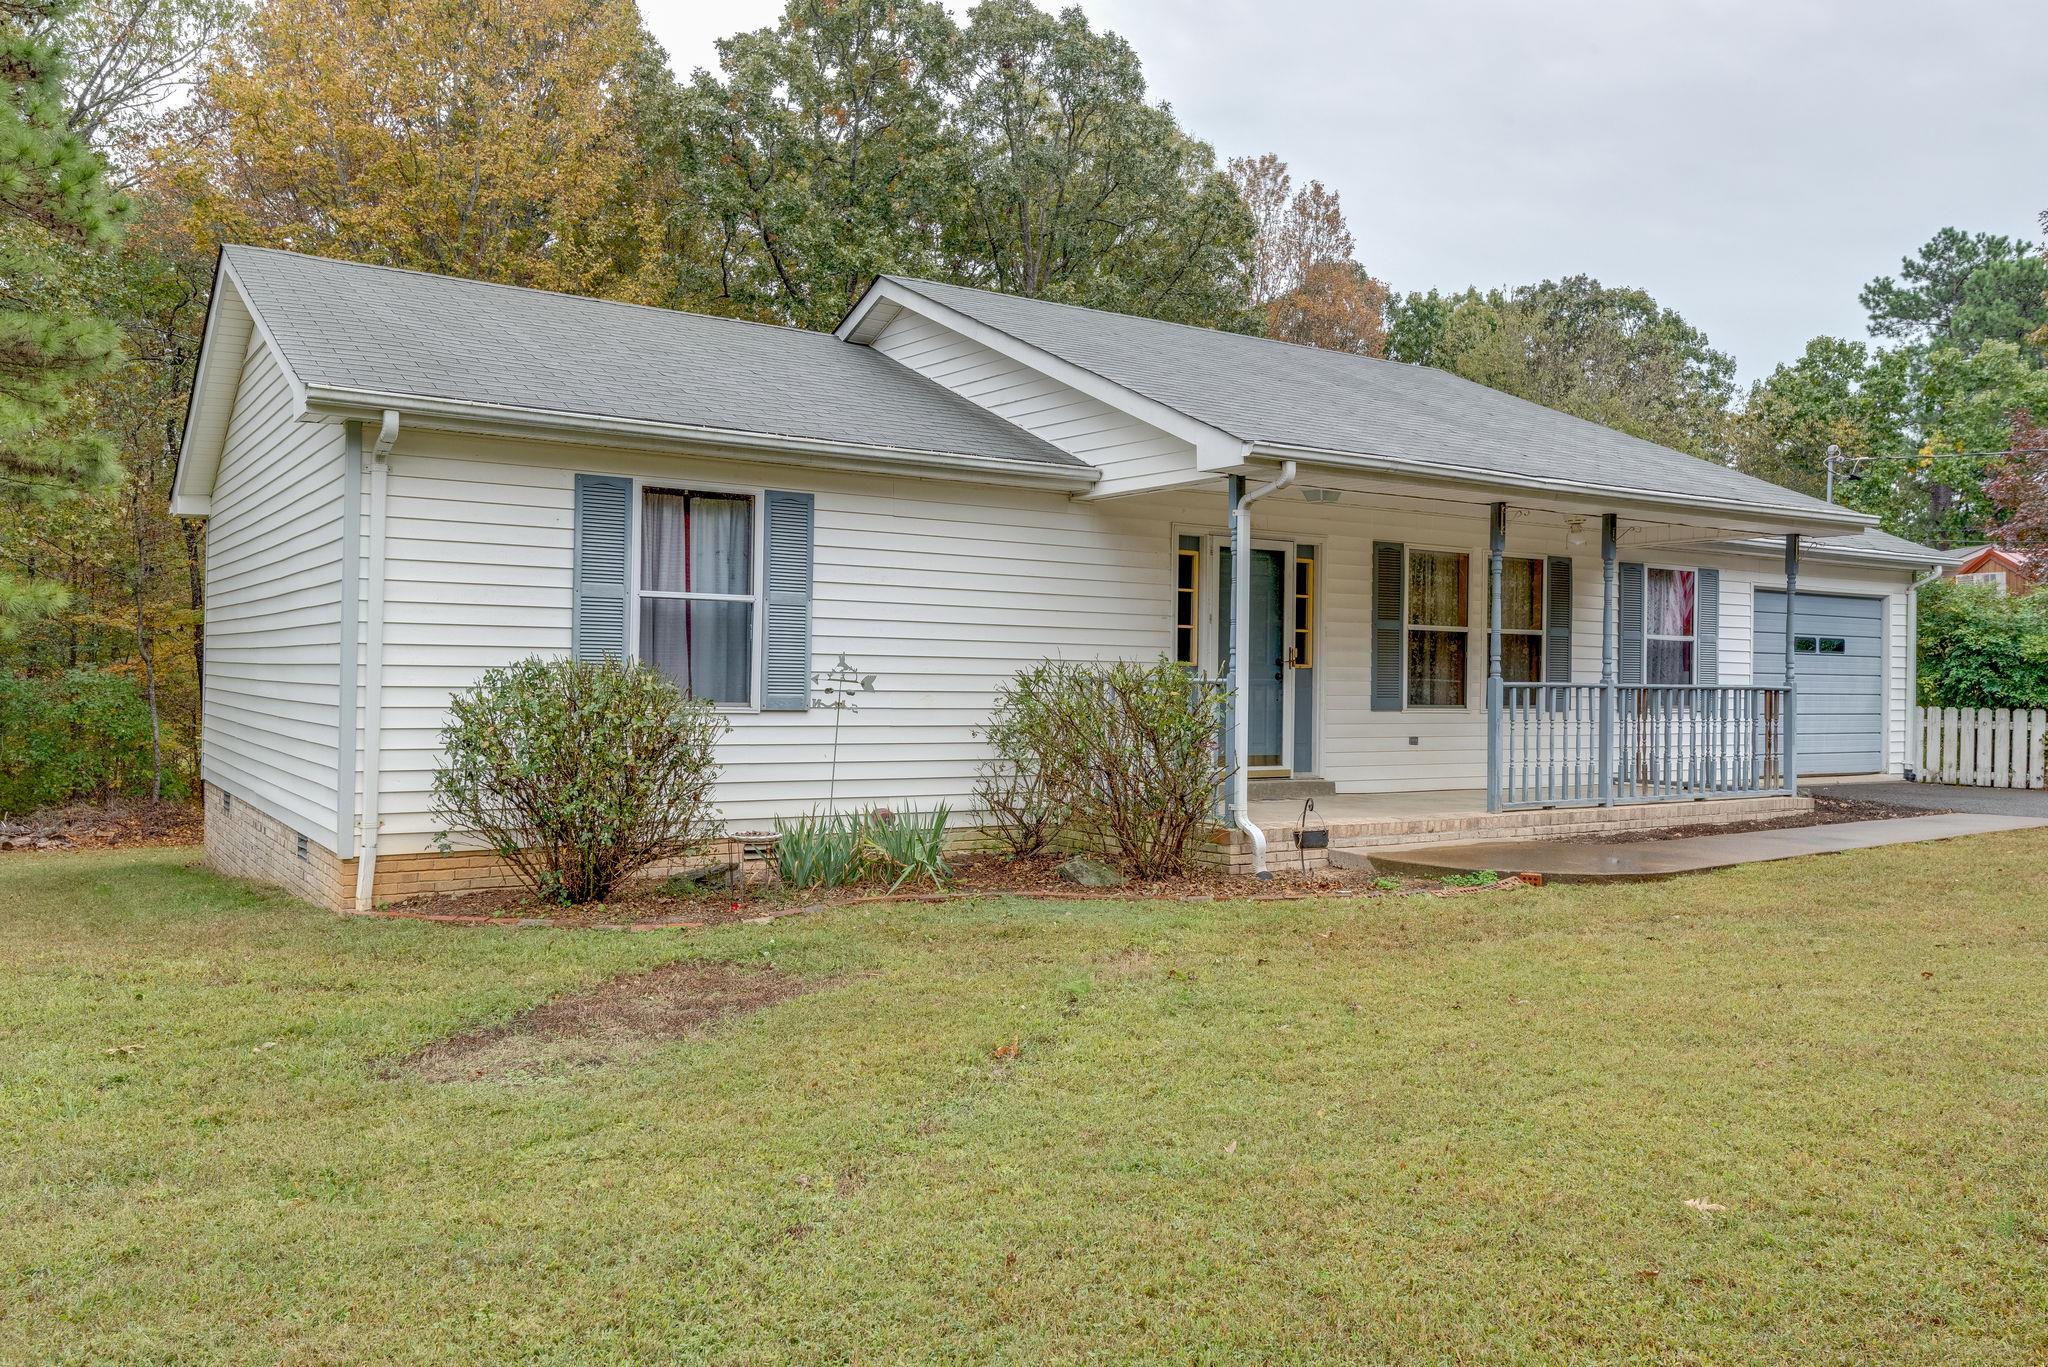 1106 Blake Rd, Lyles, TN 37098 - Lyles, TN real estate listing